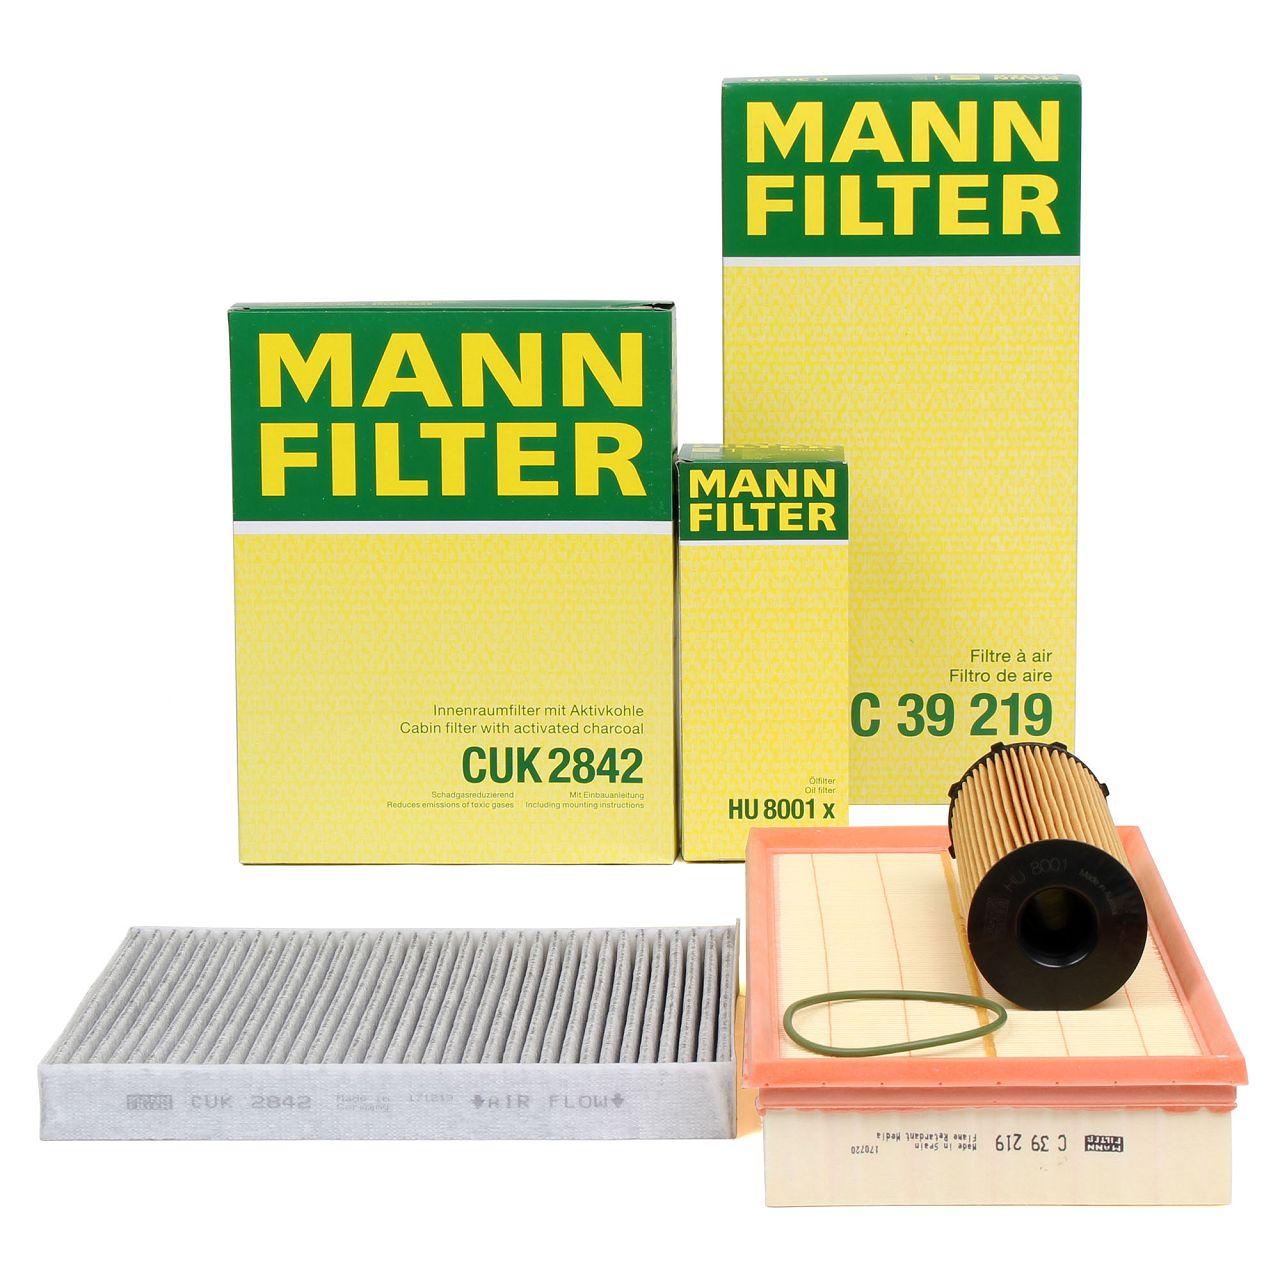 MANN Filterset für AUDI Q7 (4LB) PORSCHE CAYENNE (9PA) VW TOUAREG (7L) 3.0 TDI